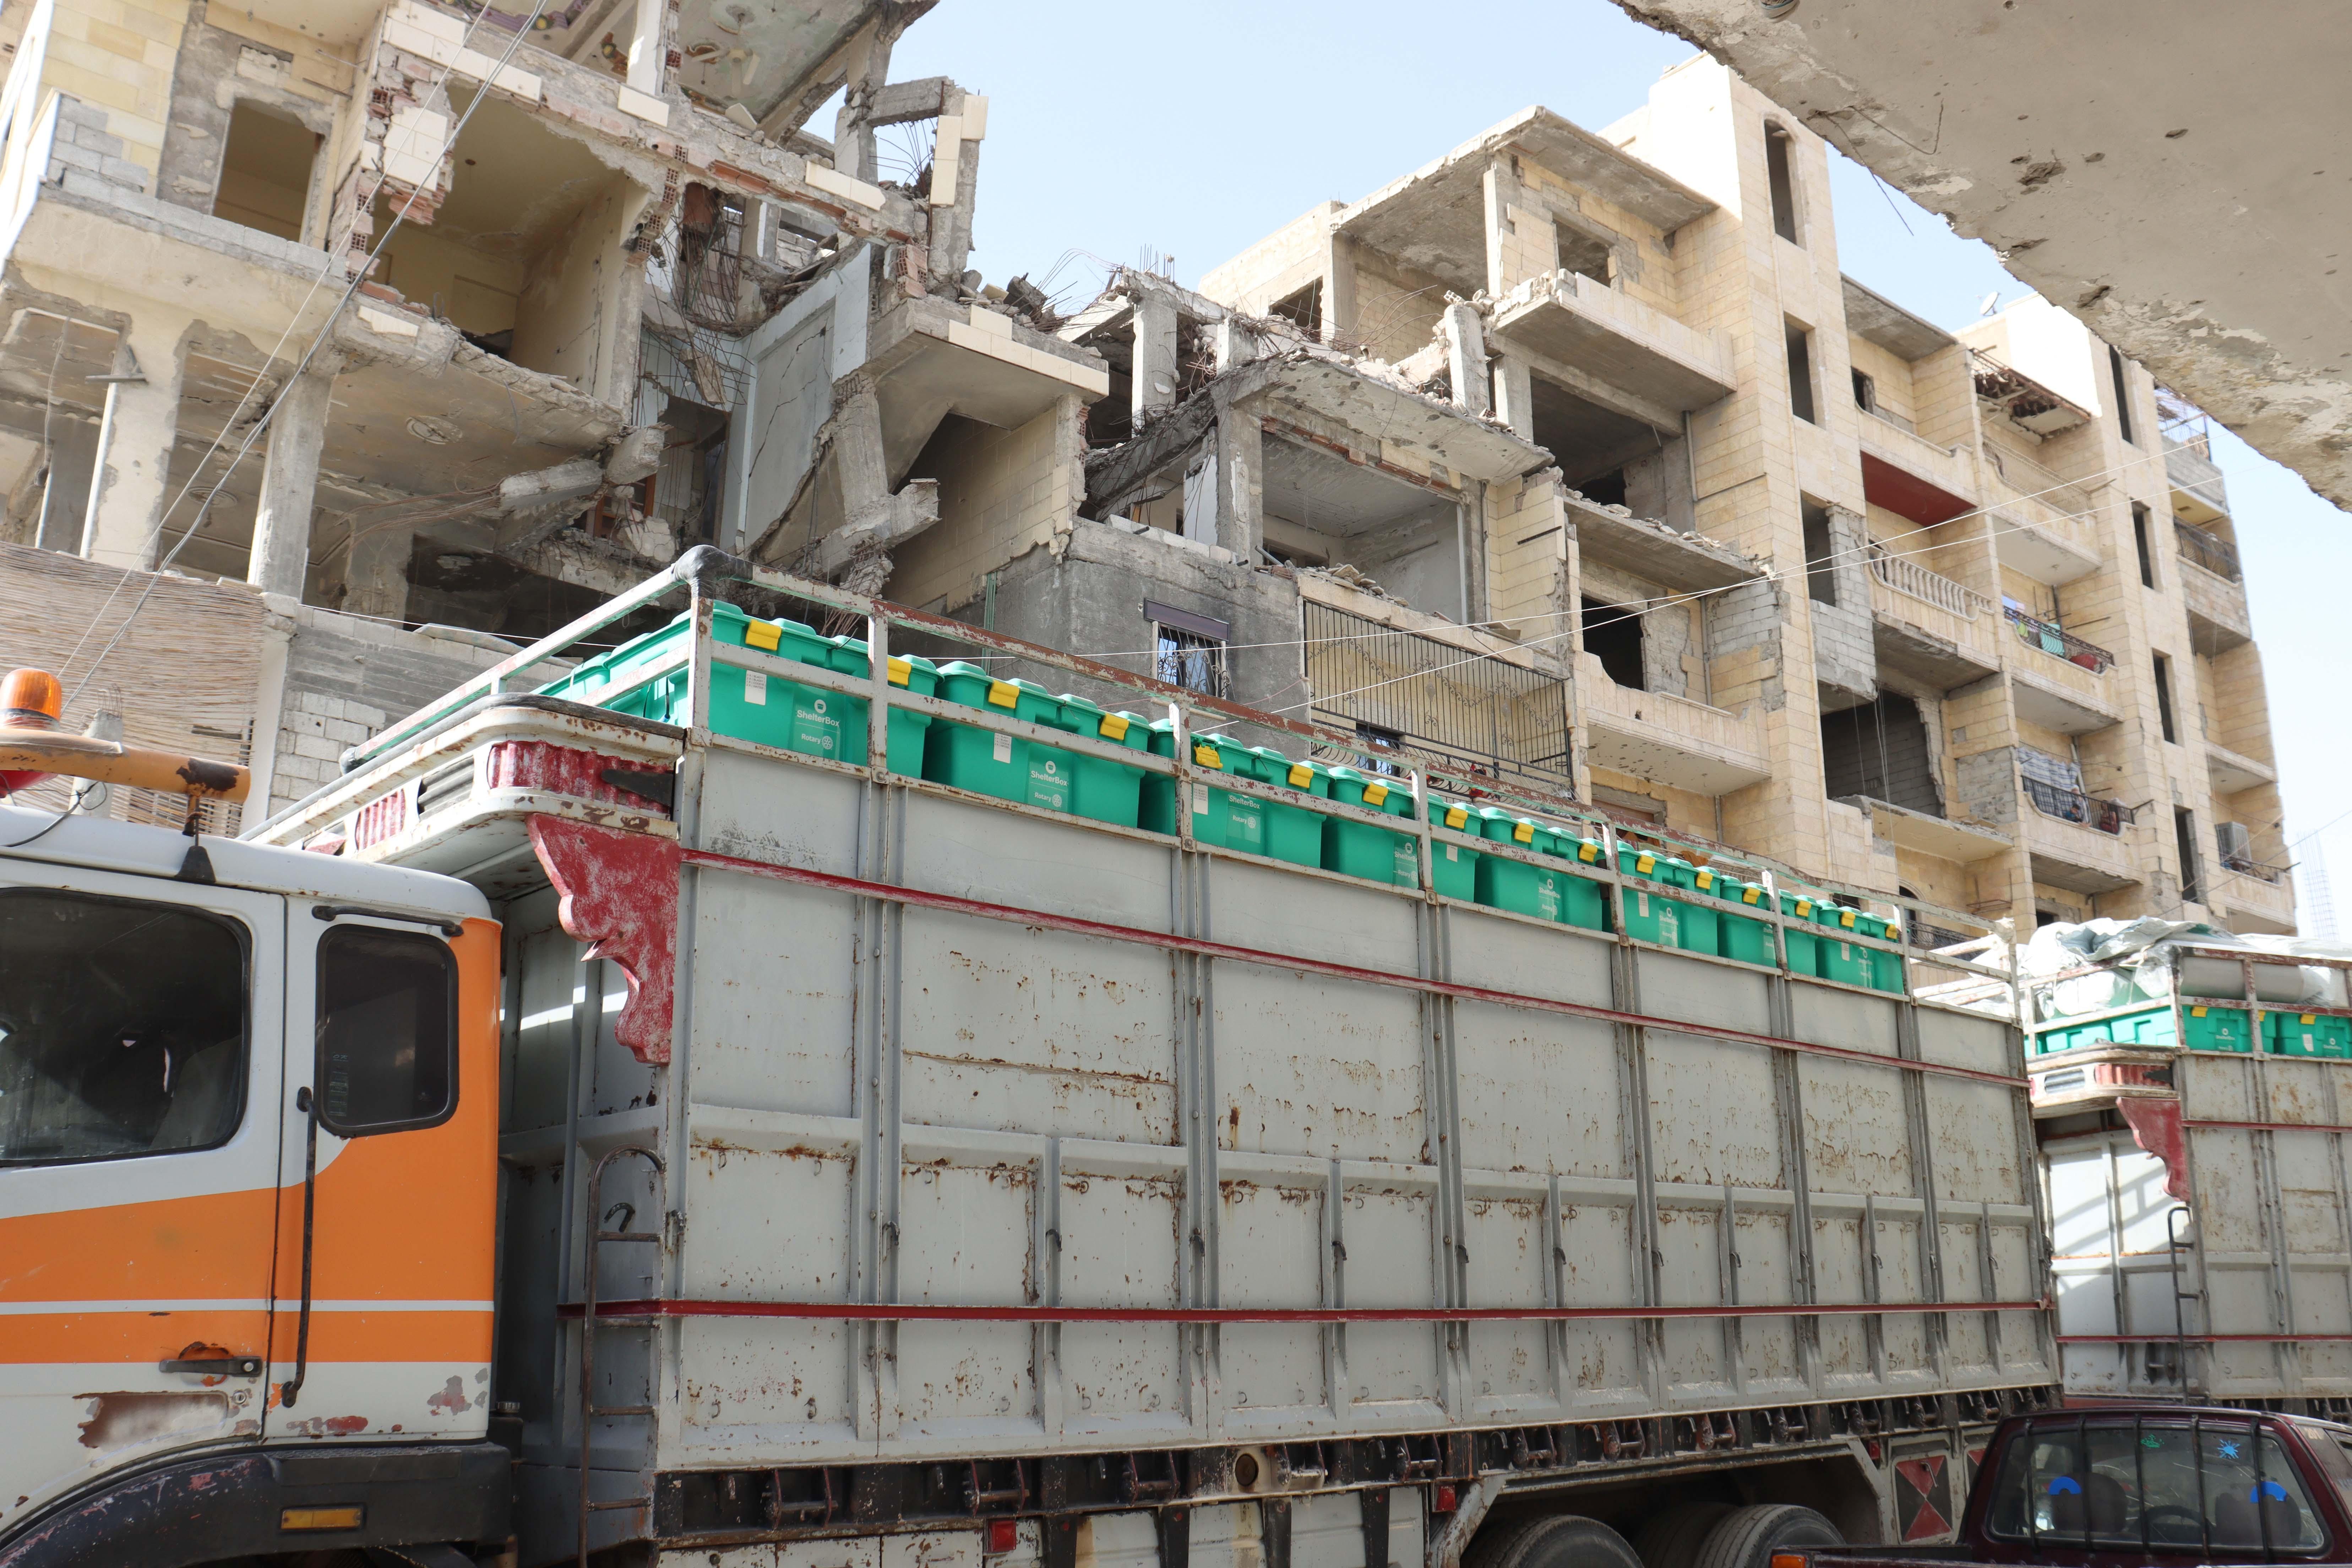 Ein Laster mit 2 Anhängern beladen mit vielen grünen ShelterBoxen fährt durch Häuserruinen ohne Fenster und mit größtenteils zerstörten Außenwänden.